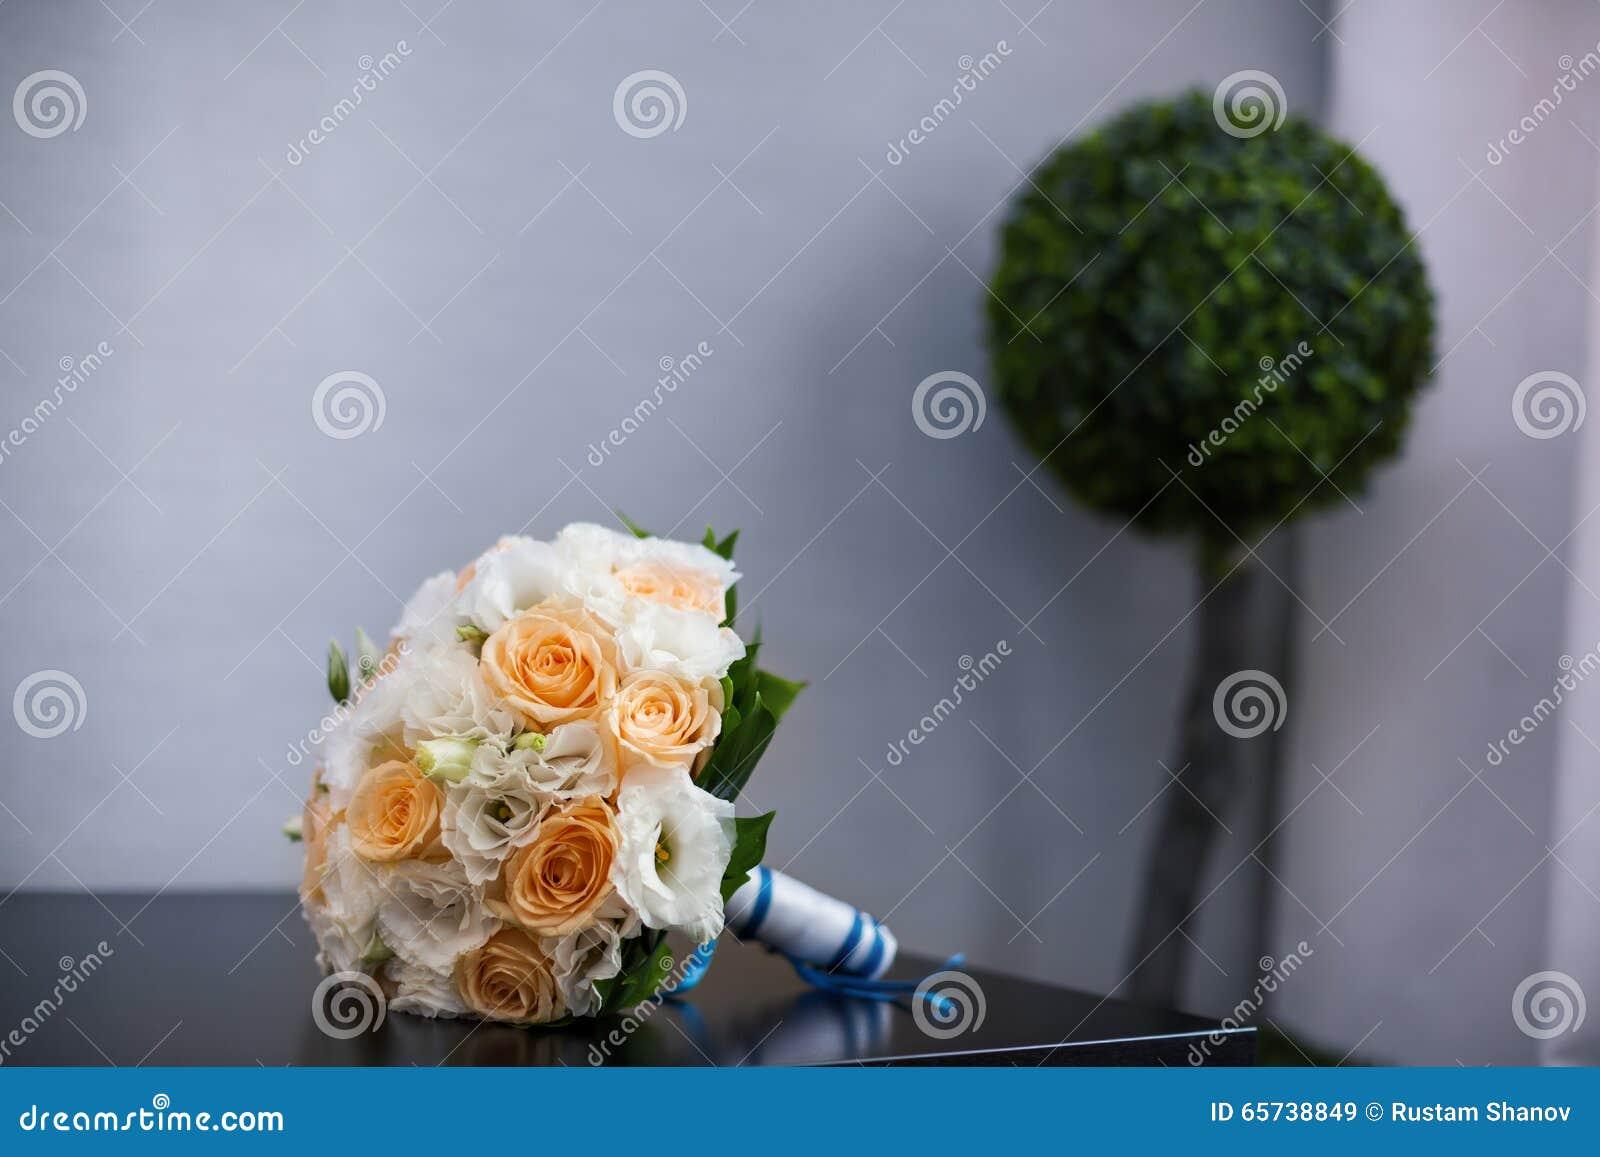 bouquet de mariage sur une table image stock - image du orange, jour